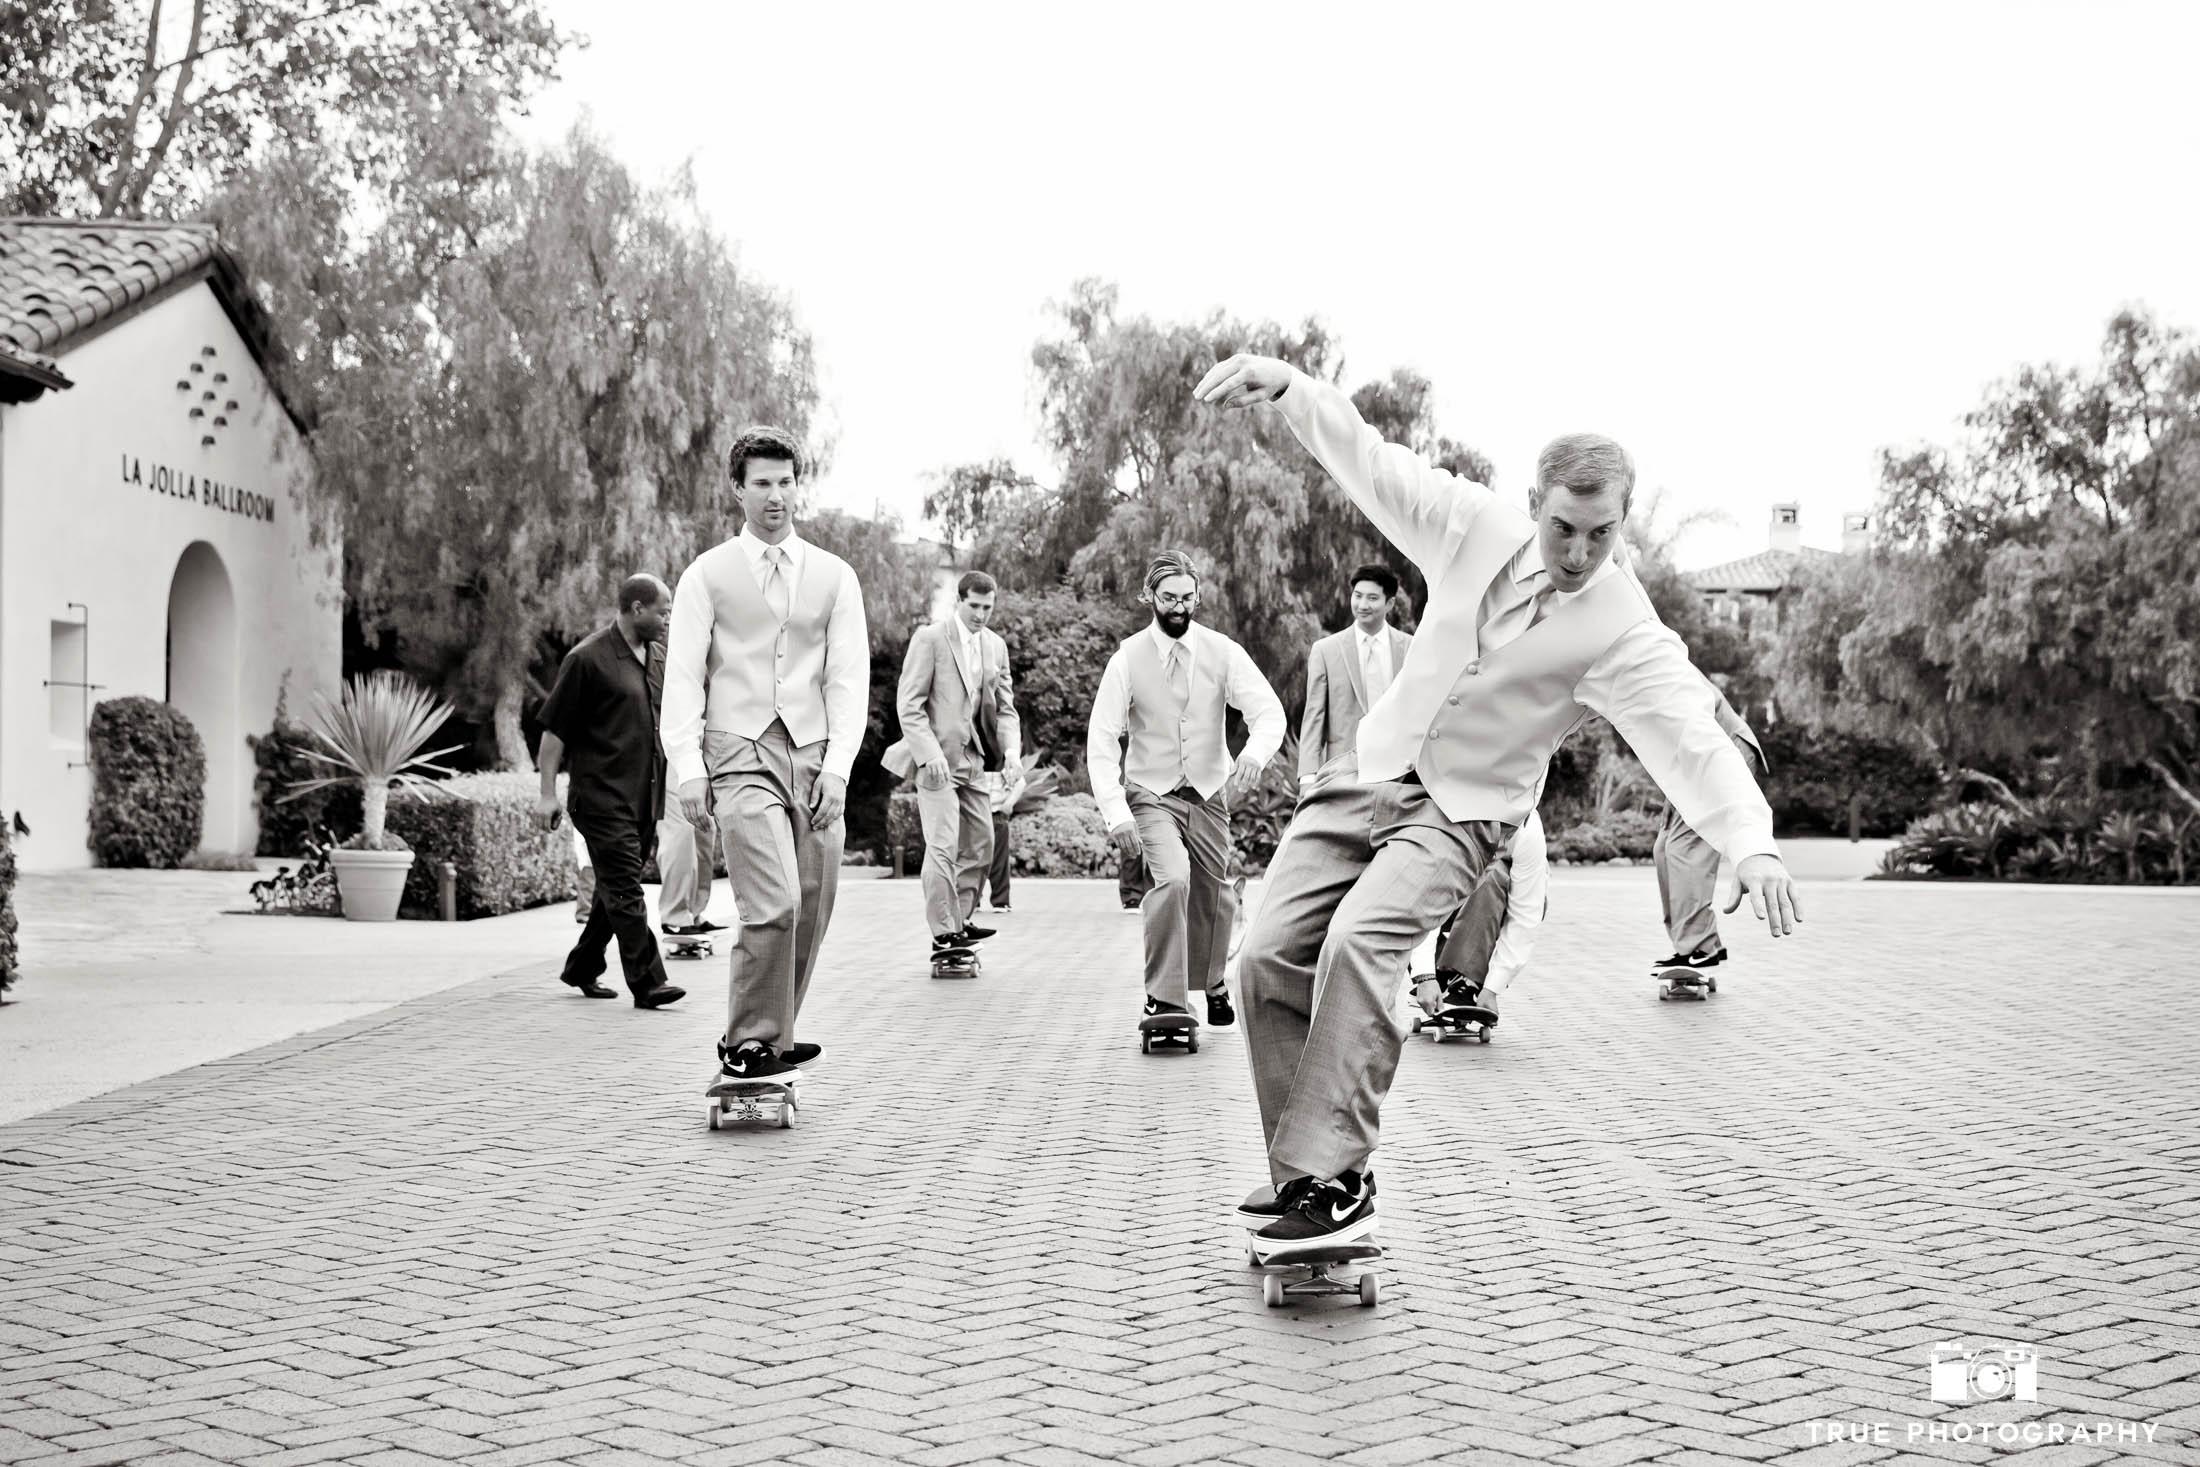 Groomsmen skateboarding down street